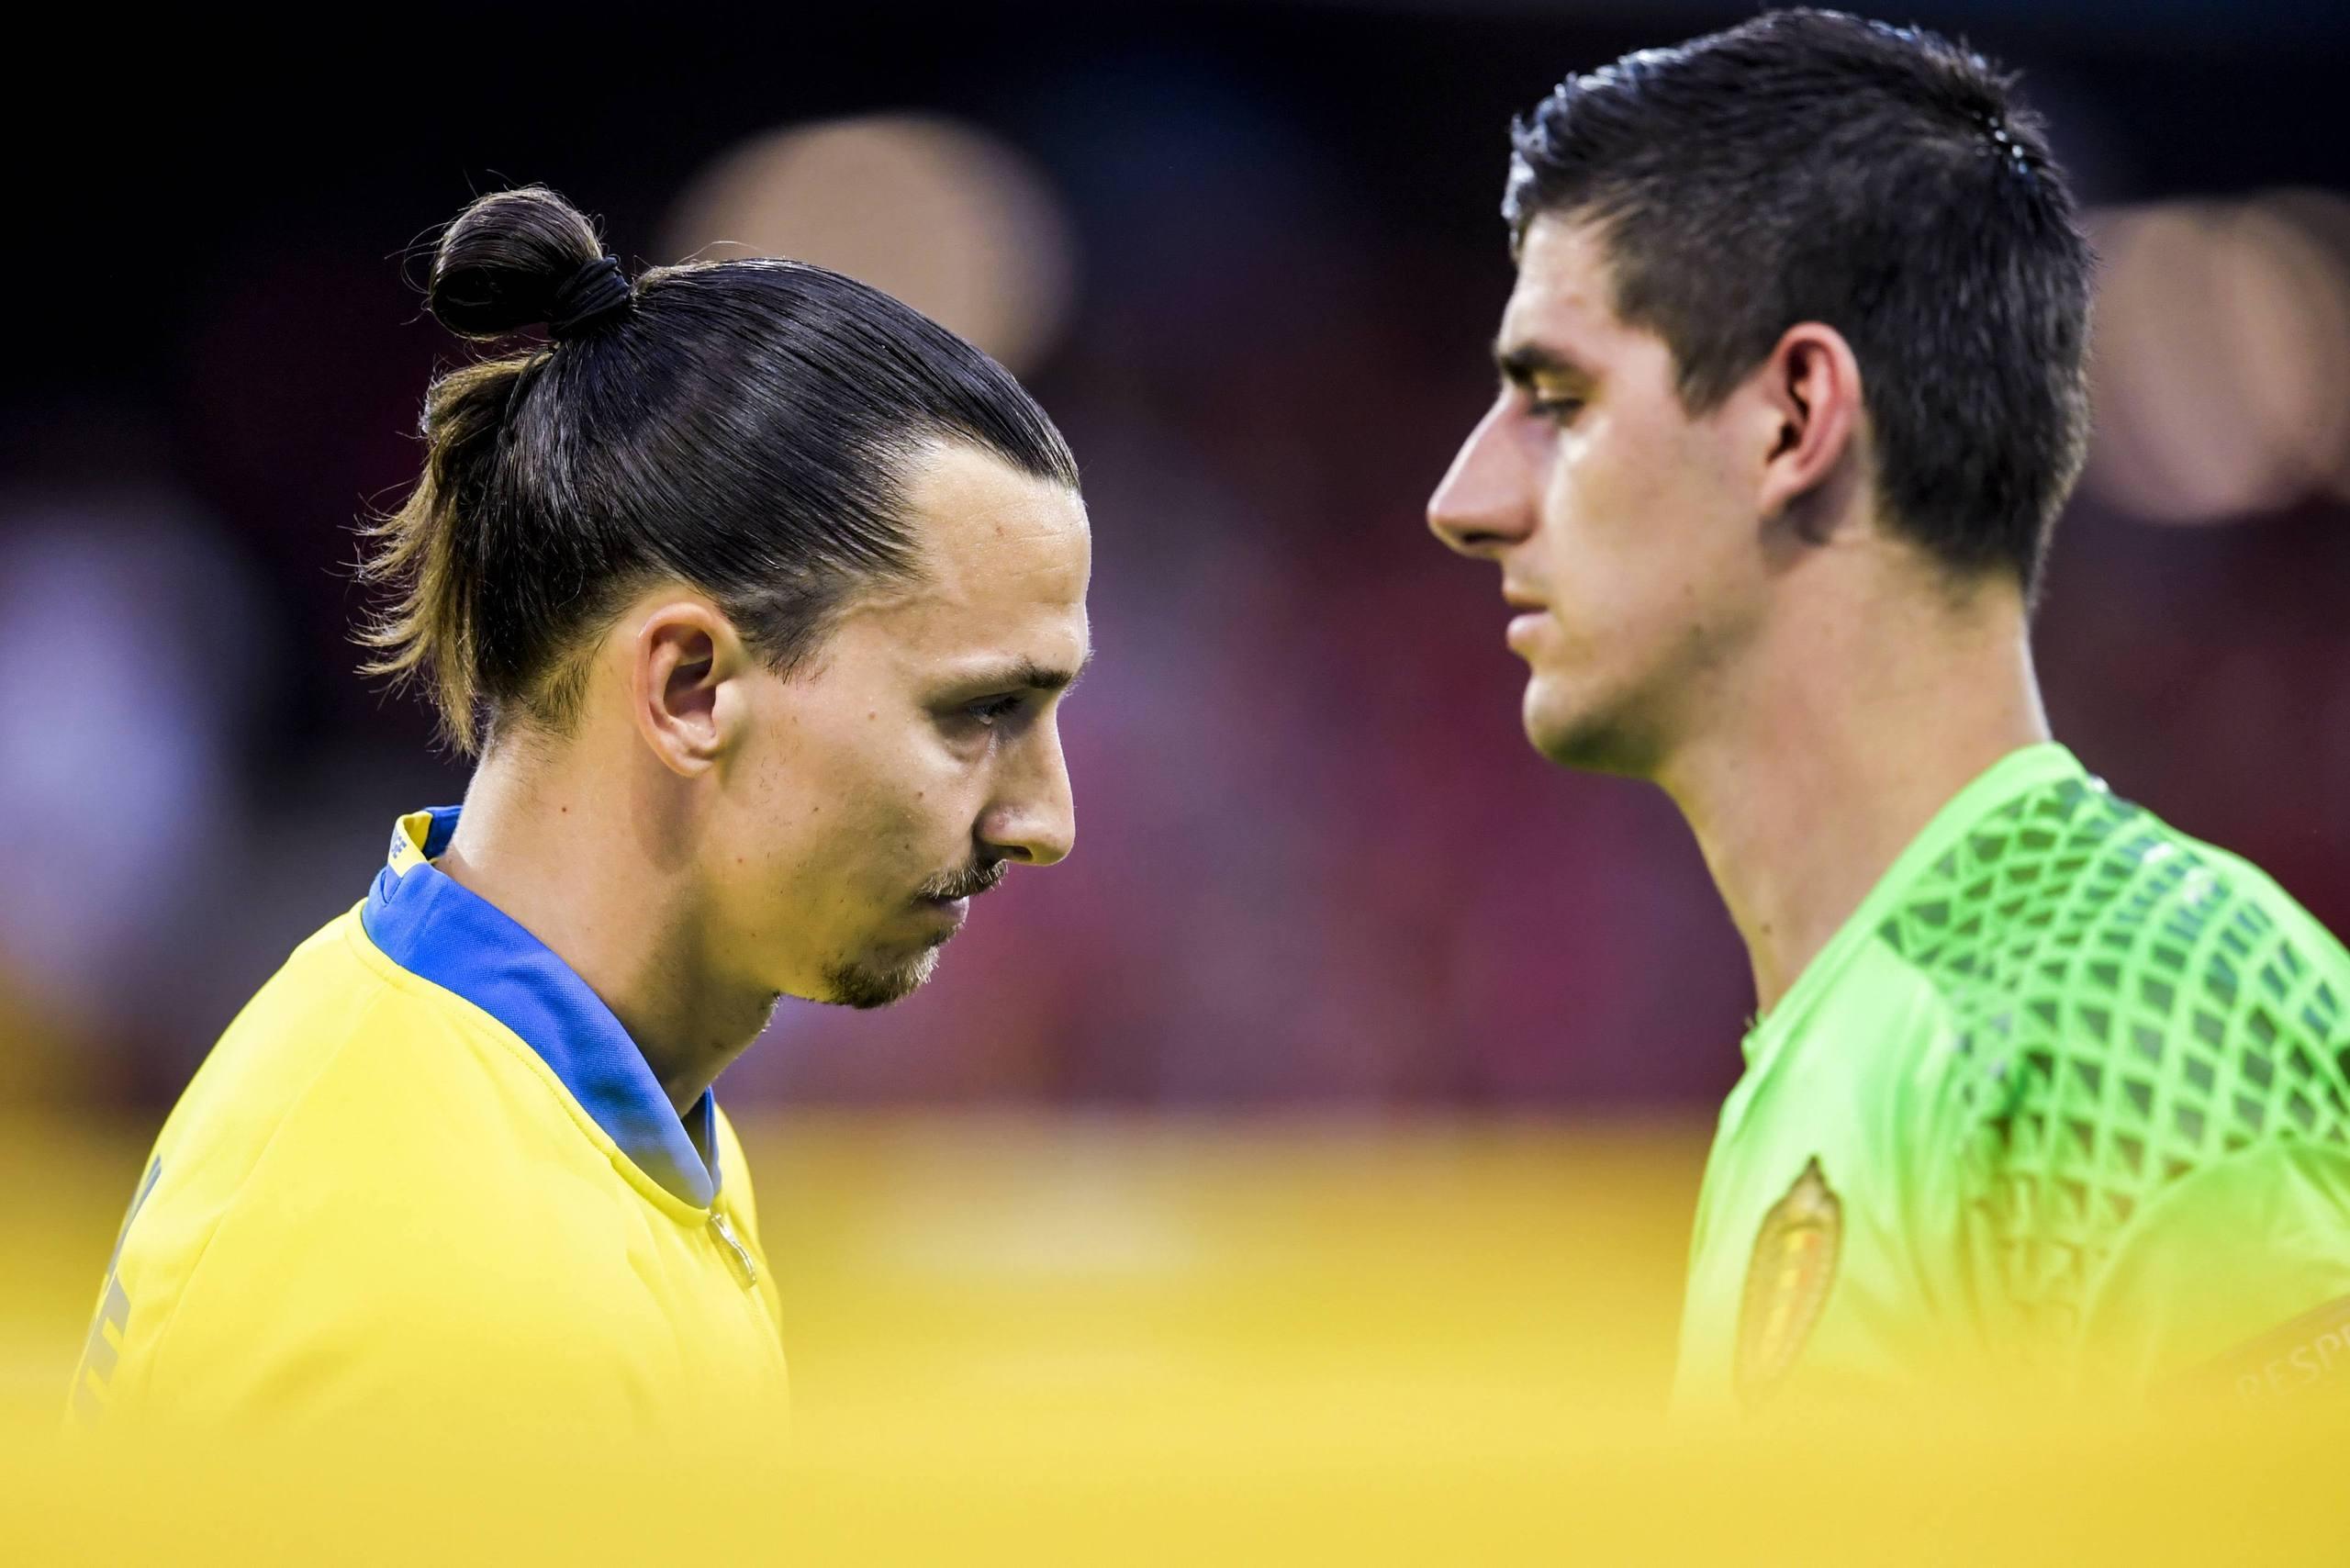 Skrallen kallstrom utanfor landslaget